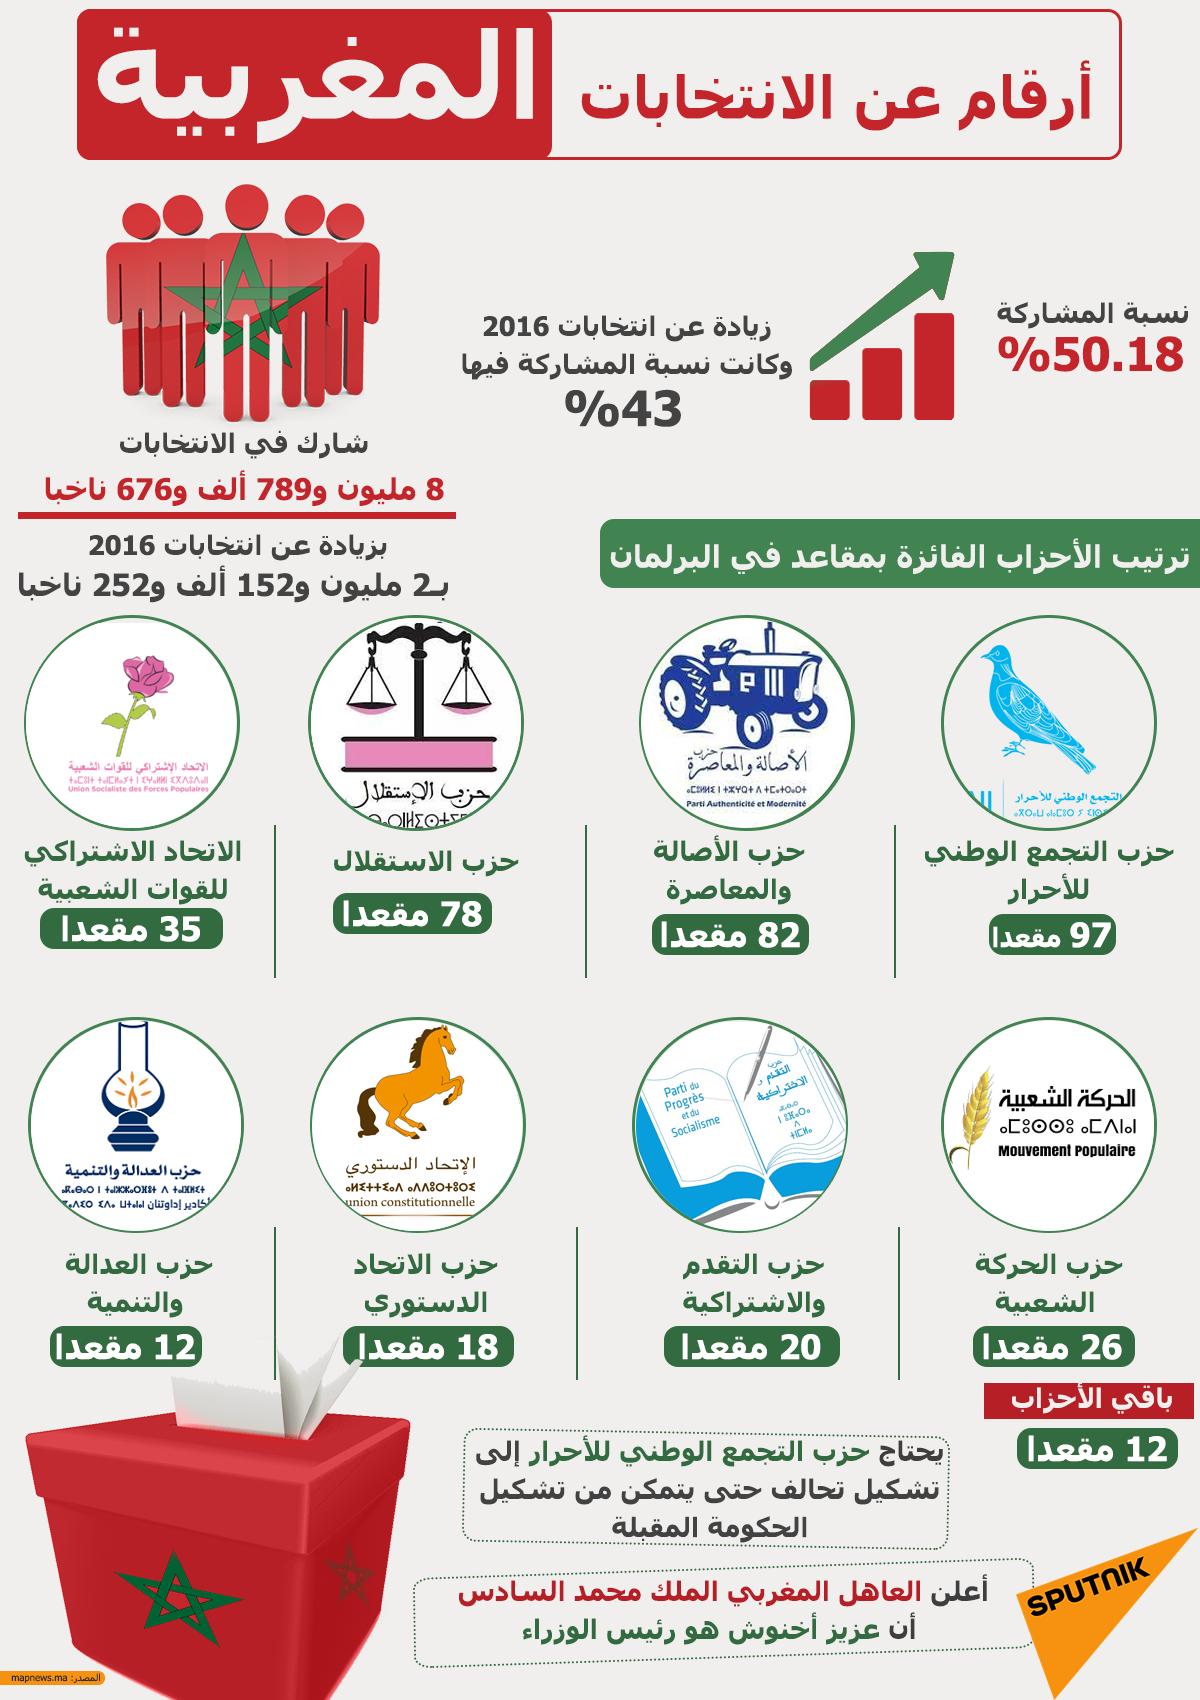 إنفوجرافيك... أرقام عن الانتخابات المغربية الأخيرة